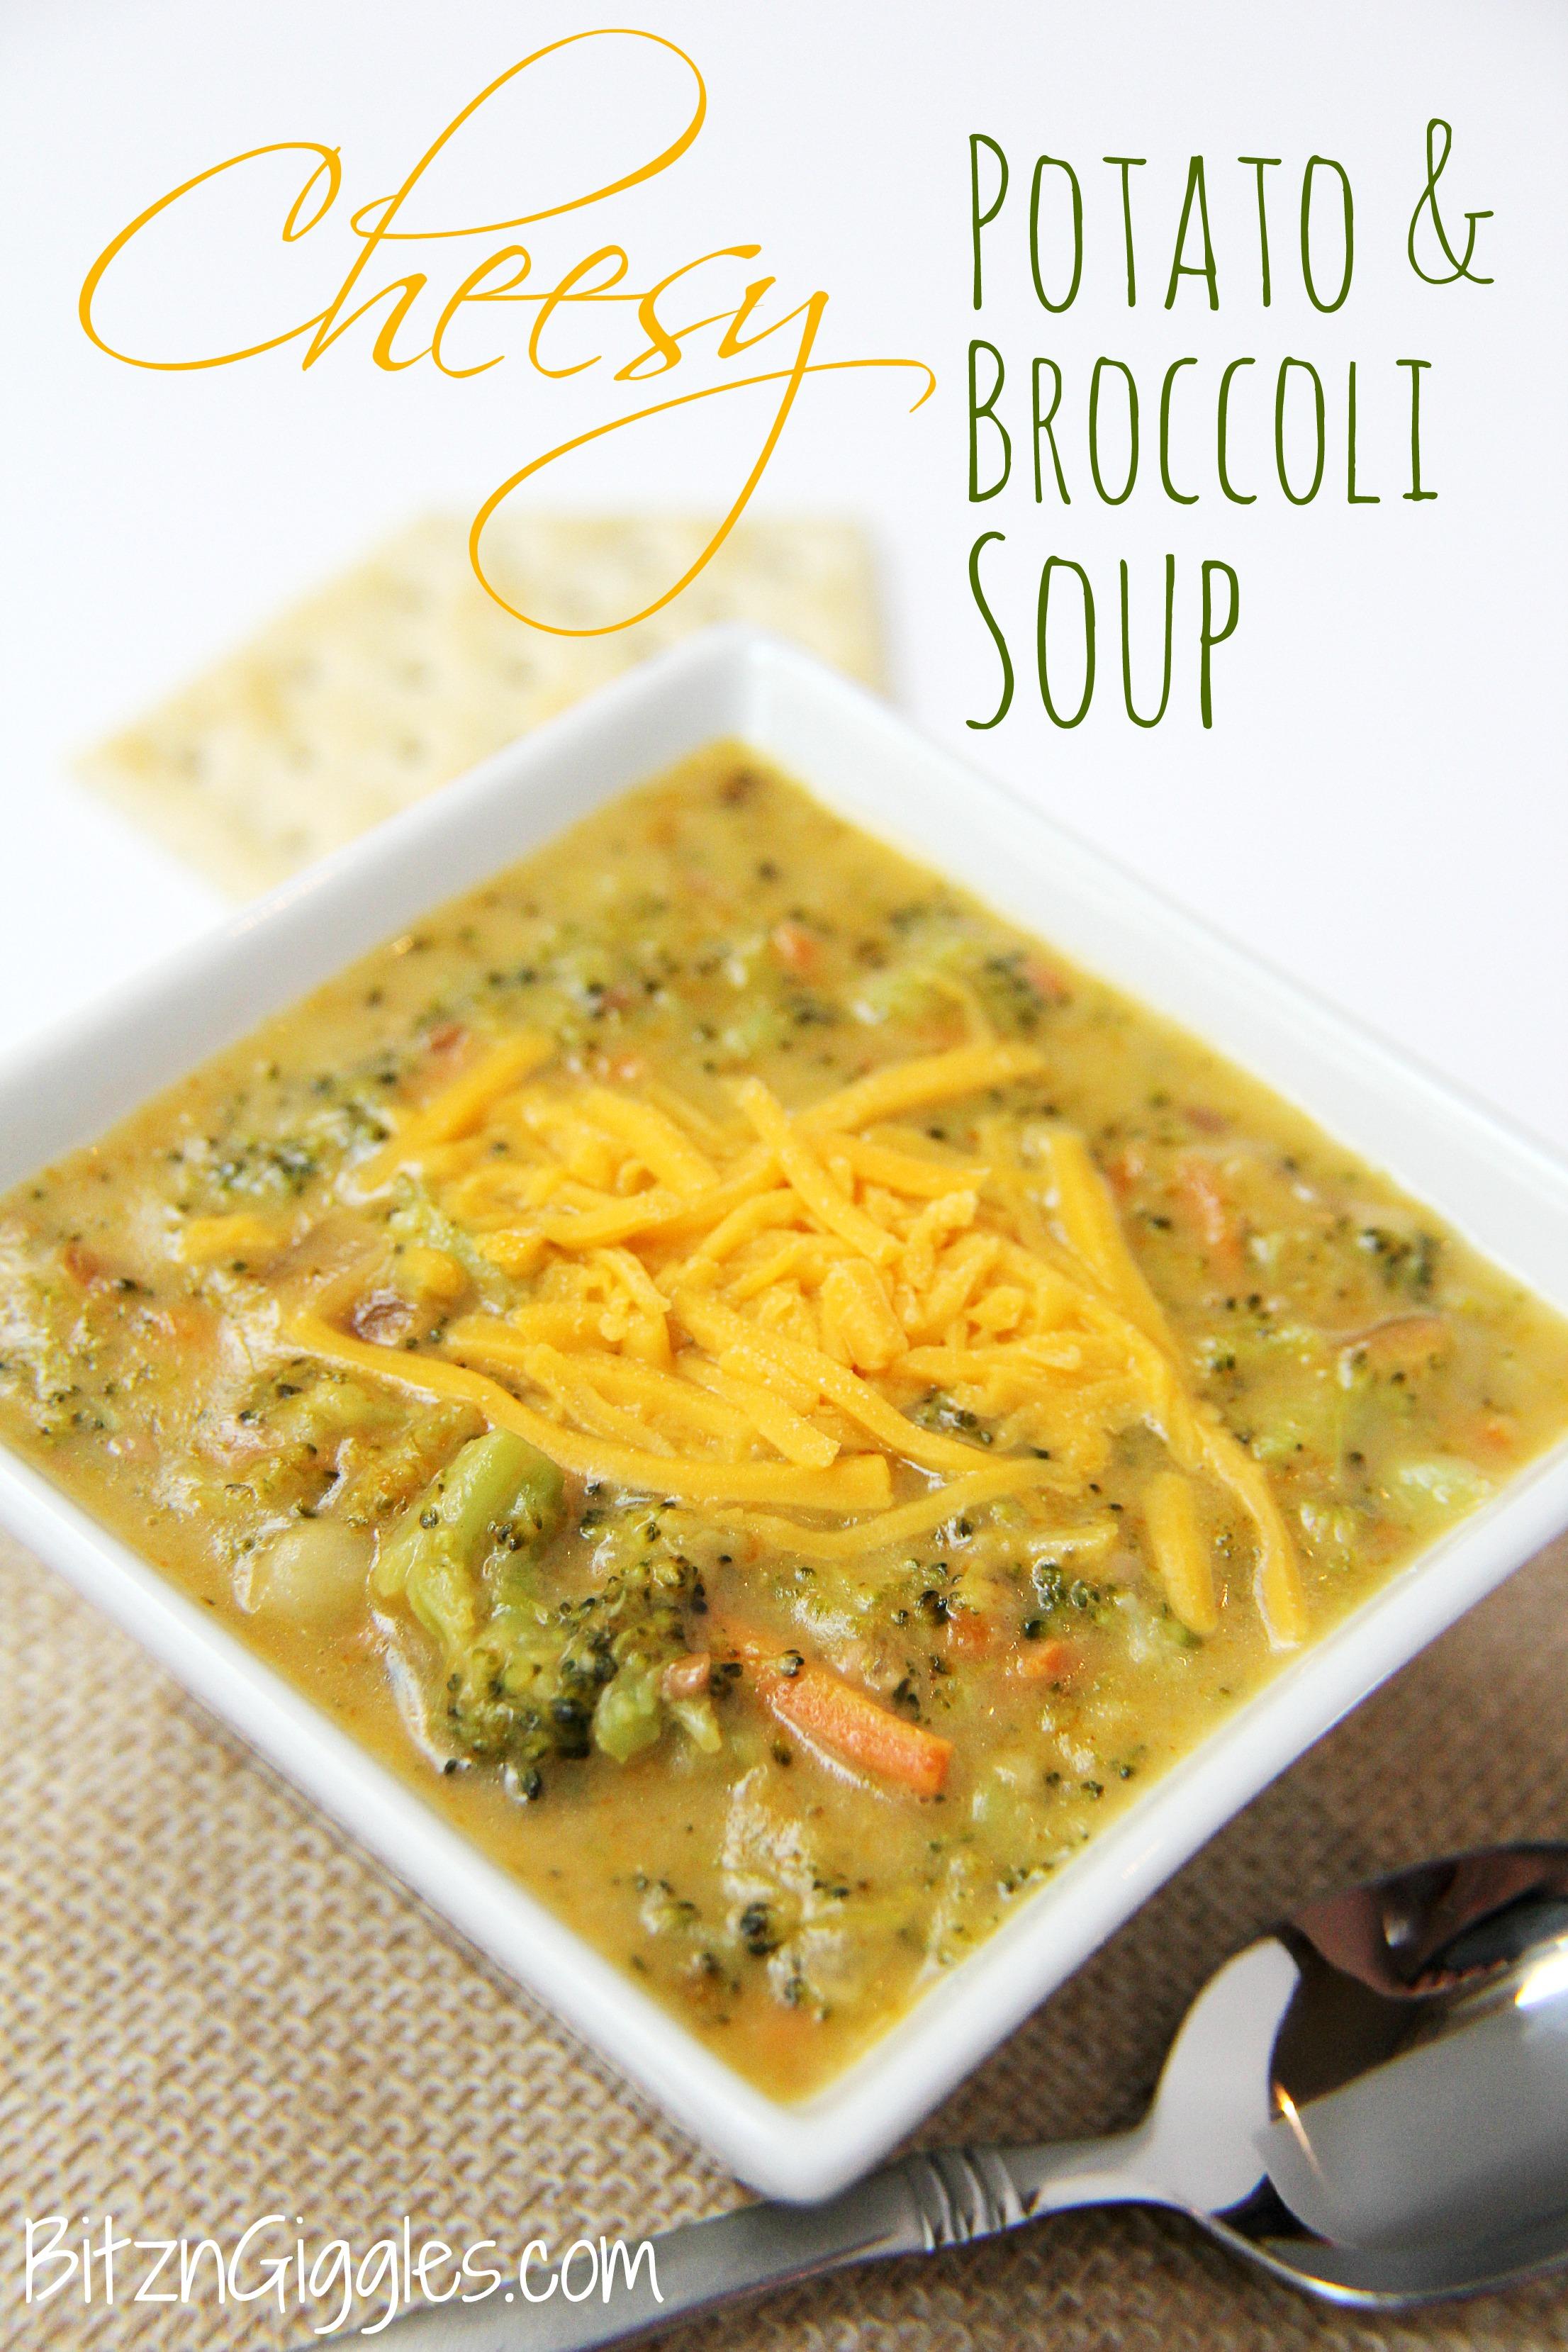 Cheesy Potato and Broccoli Soup